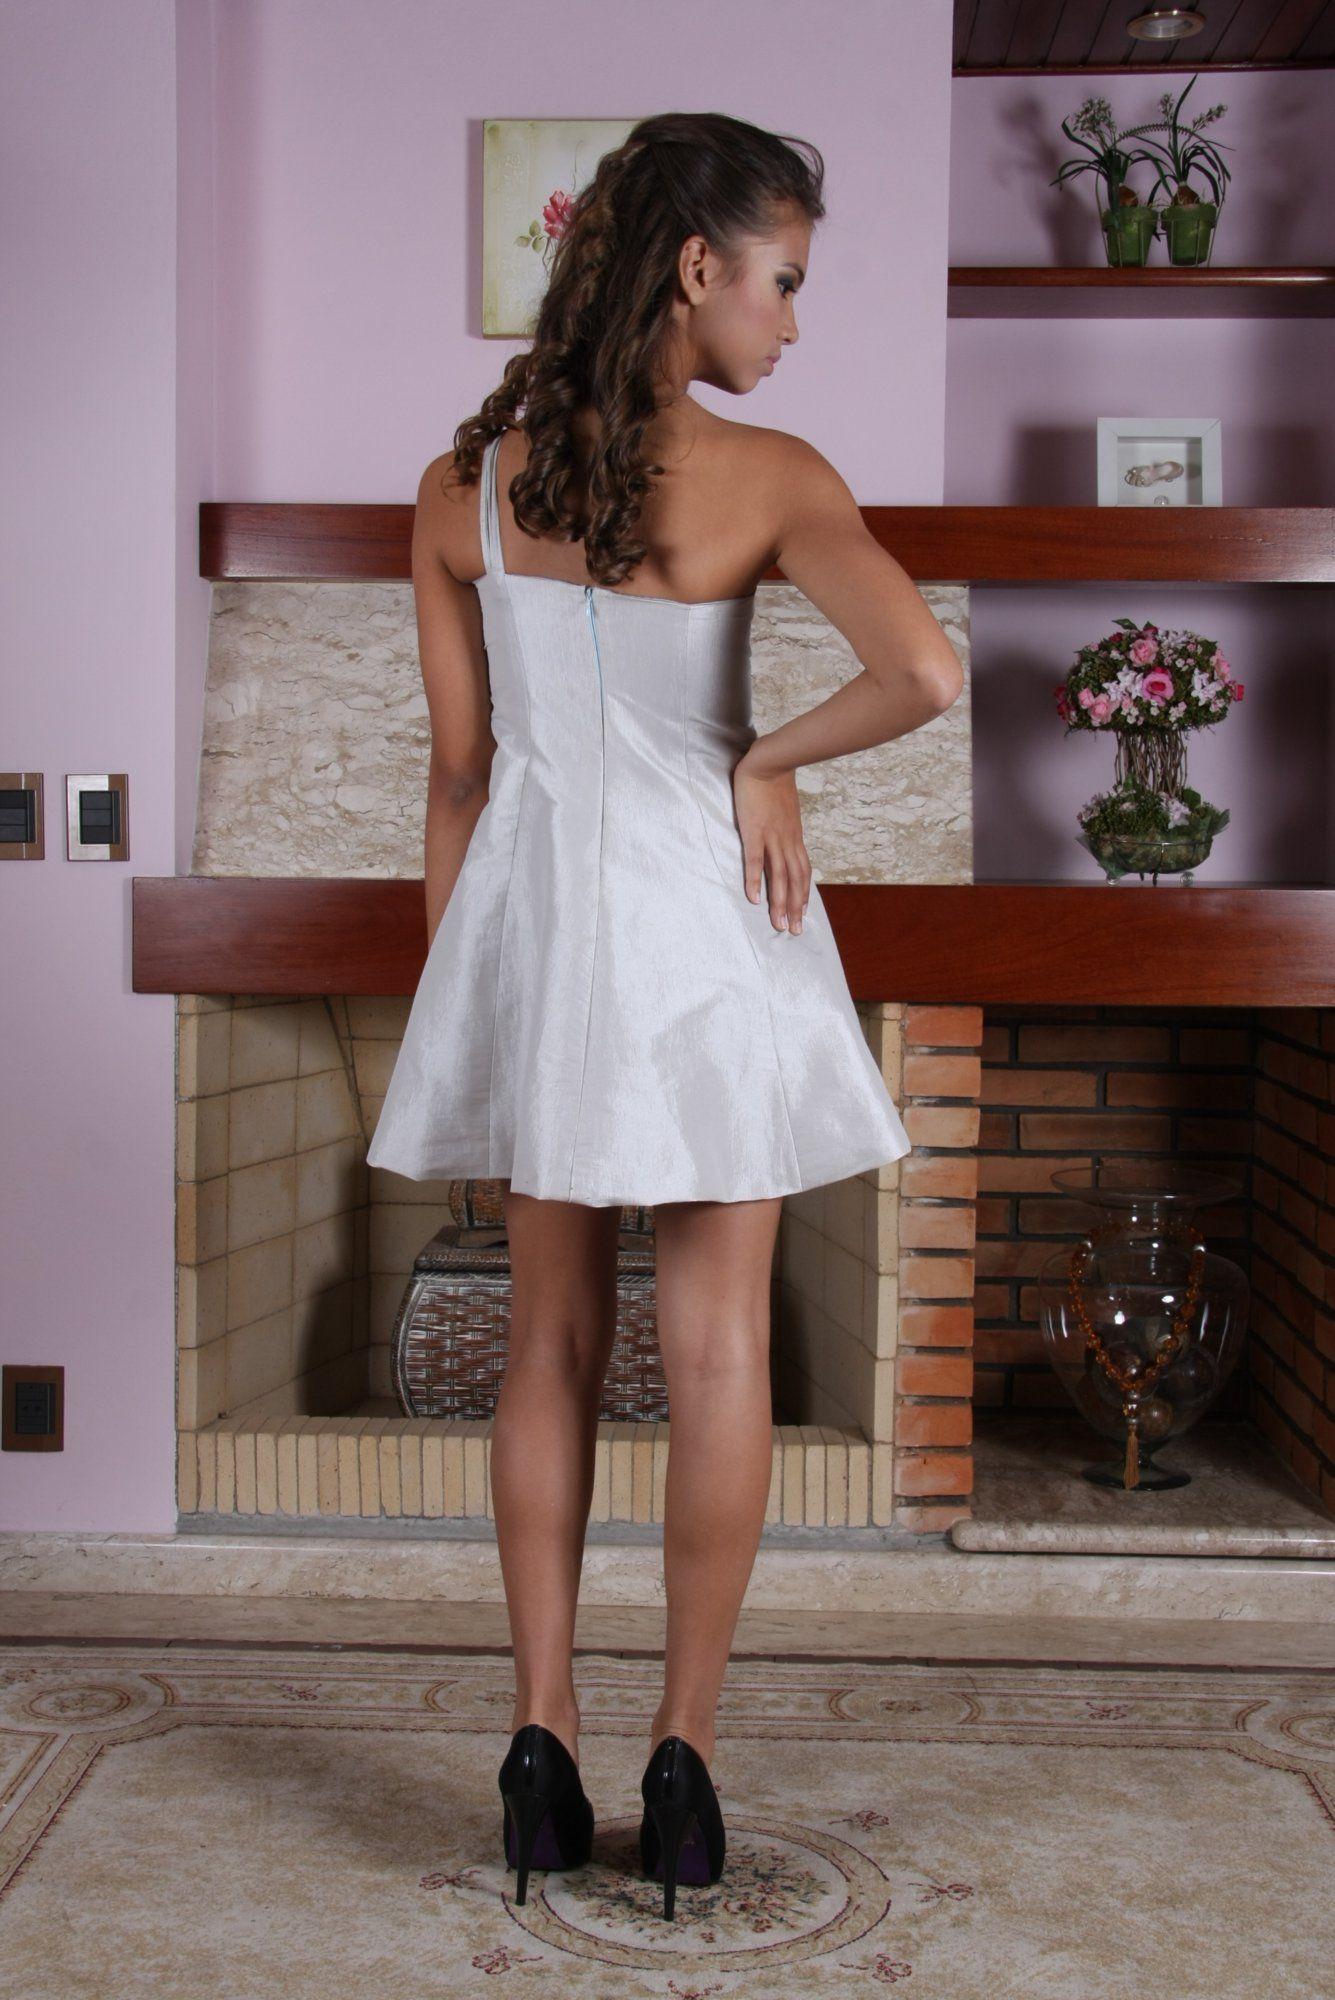 Vestido de Debutante Prata - 4 - Hipnose Alta Costura e Spa para Noivas e Noivos - Campinas - SP Vestido de Debutante, Vestido de Debutante Prata, Hipnose Alta Costura